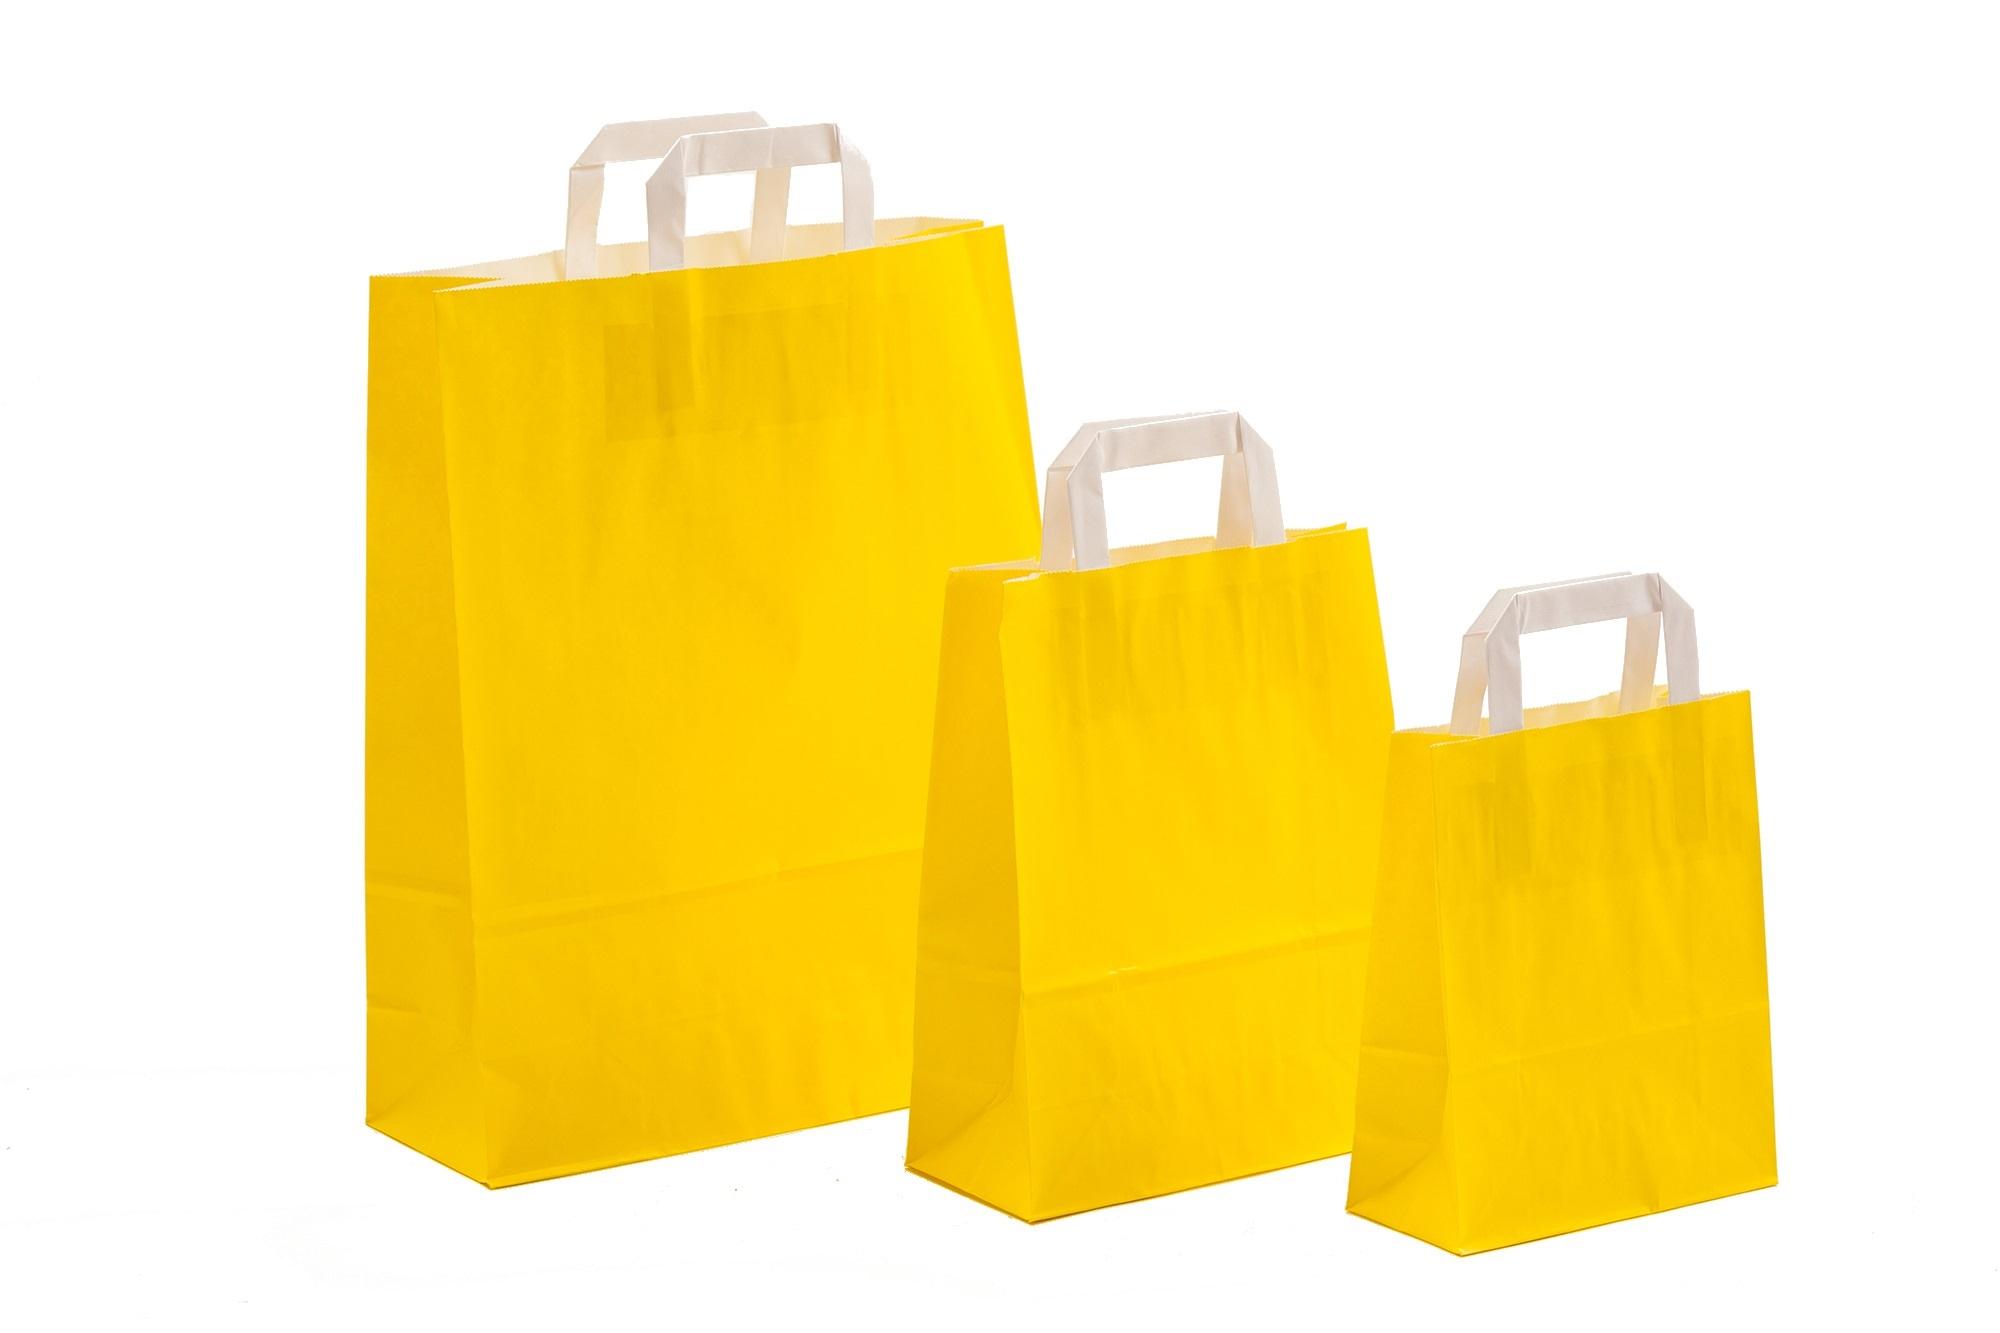 Papiertragetaschen UNI Gelb mit Innenflachhenkel